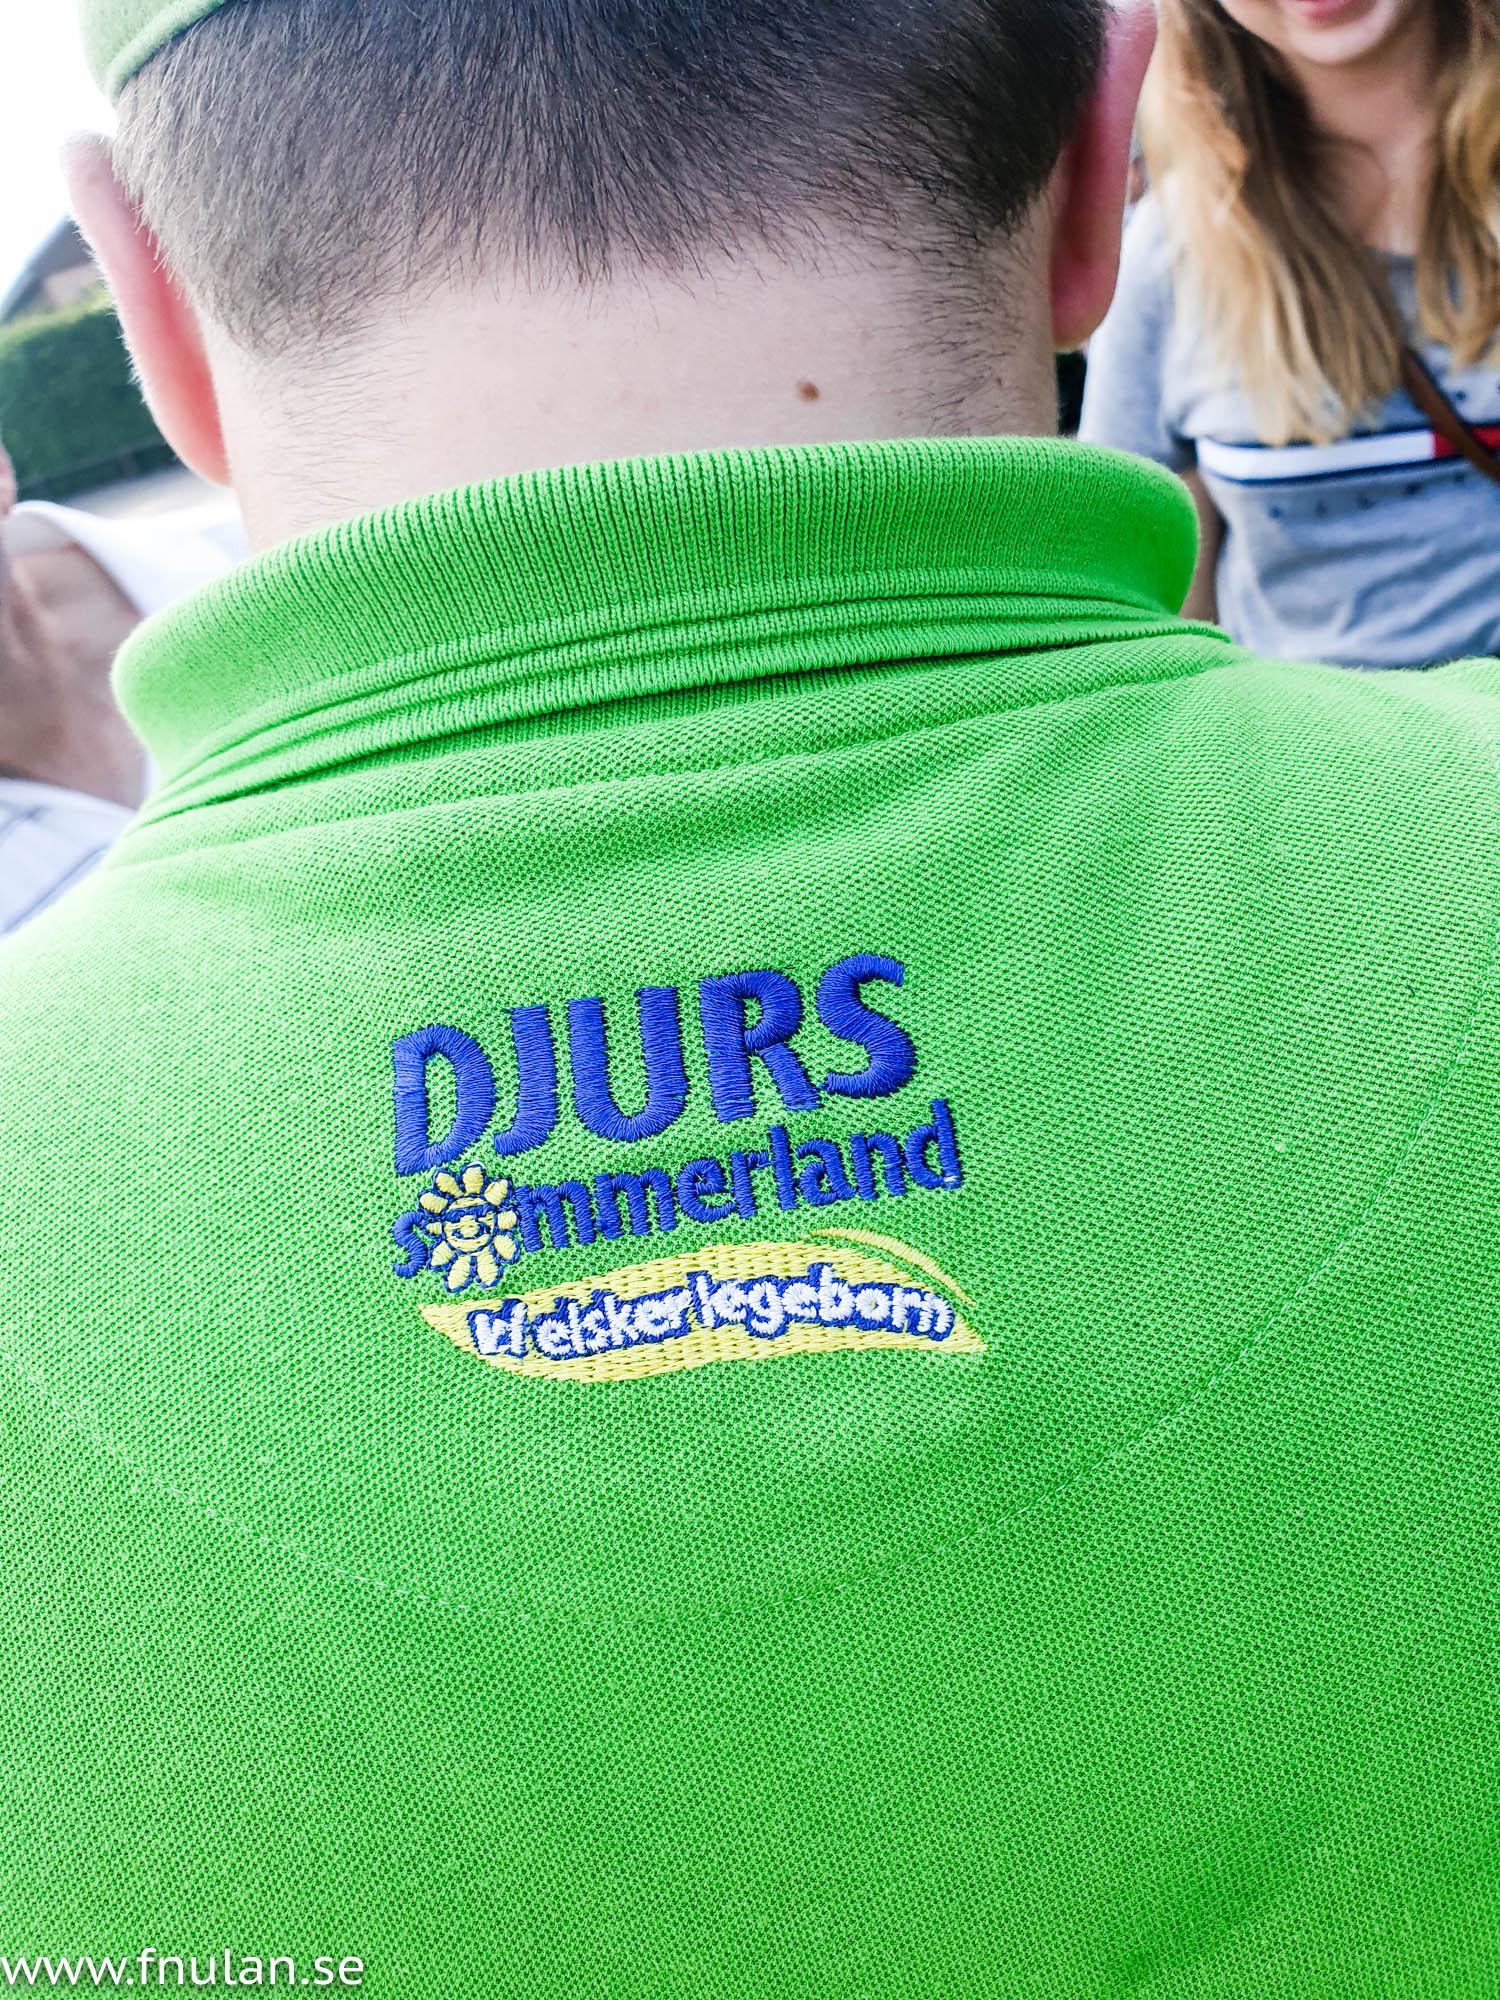 Djurs Sommerland-29